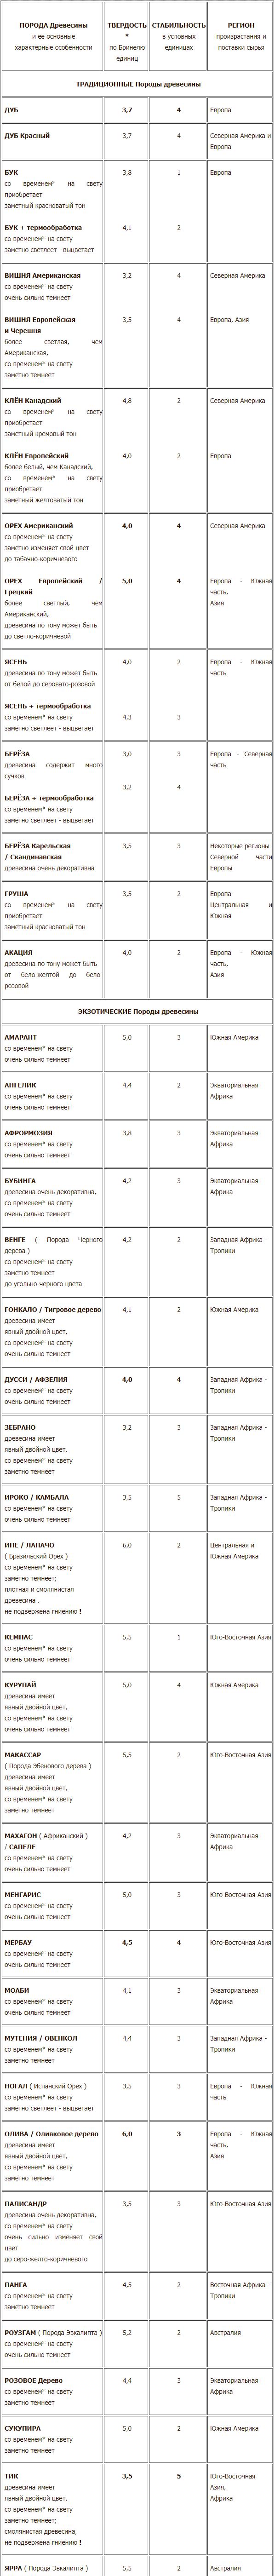 Сводная таблица твердости и стабильности пород древесины